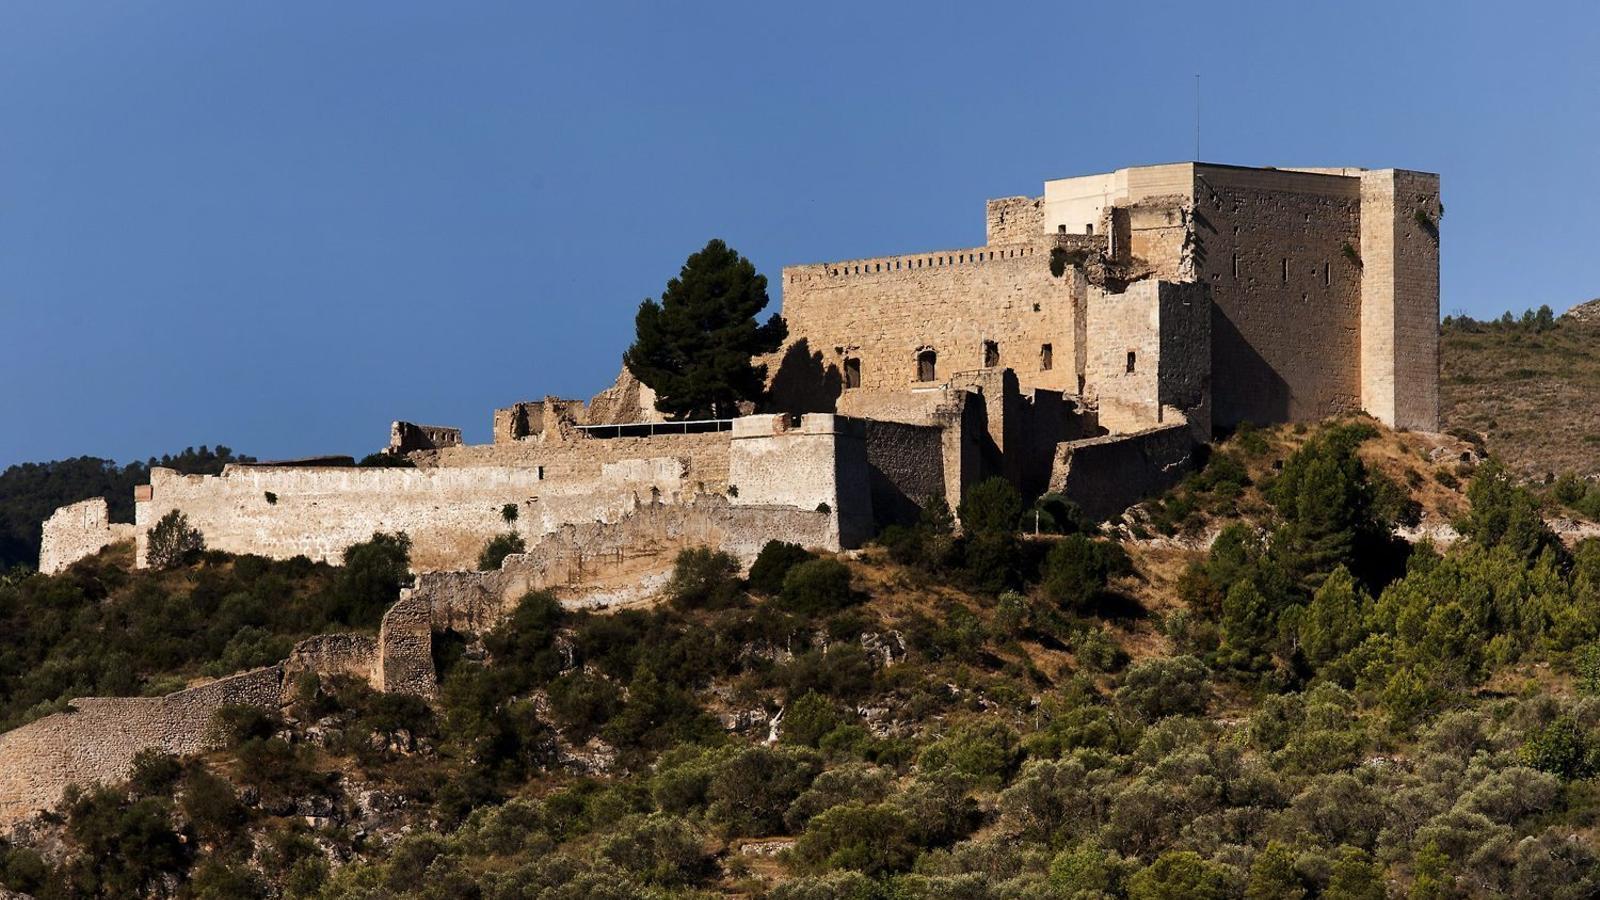 El castell de Miravet és una fortalesa imponent envoltada per una muralla de més de 25 metres d'alçada.